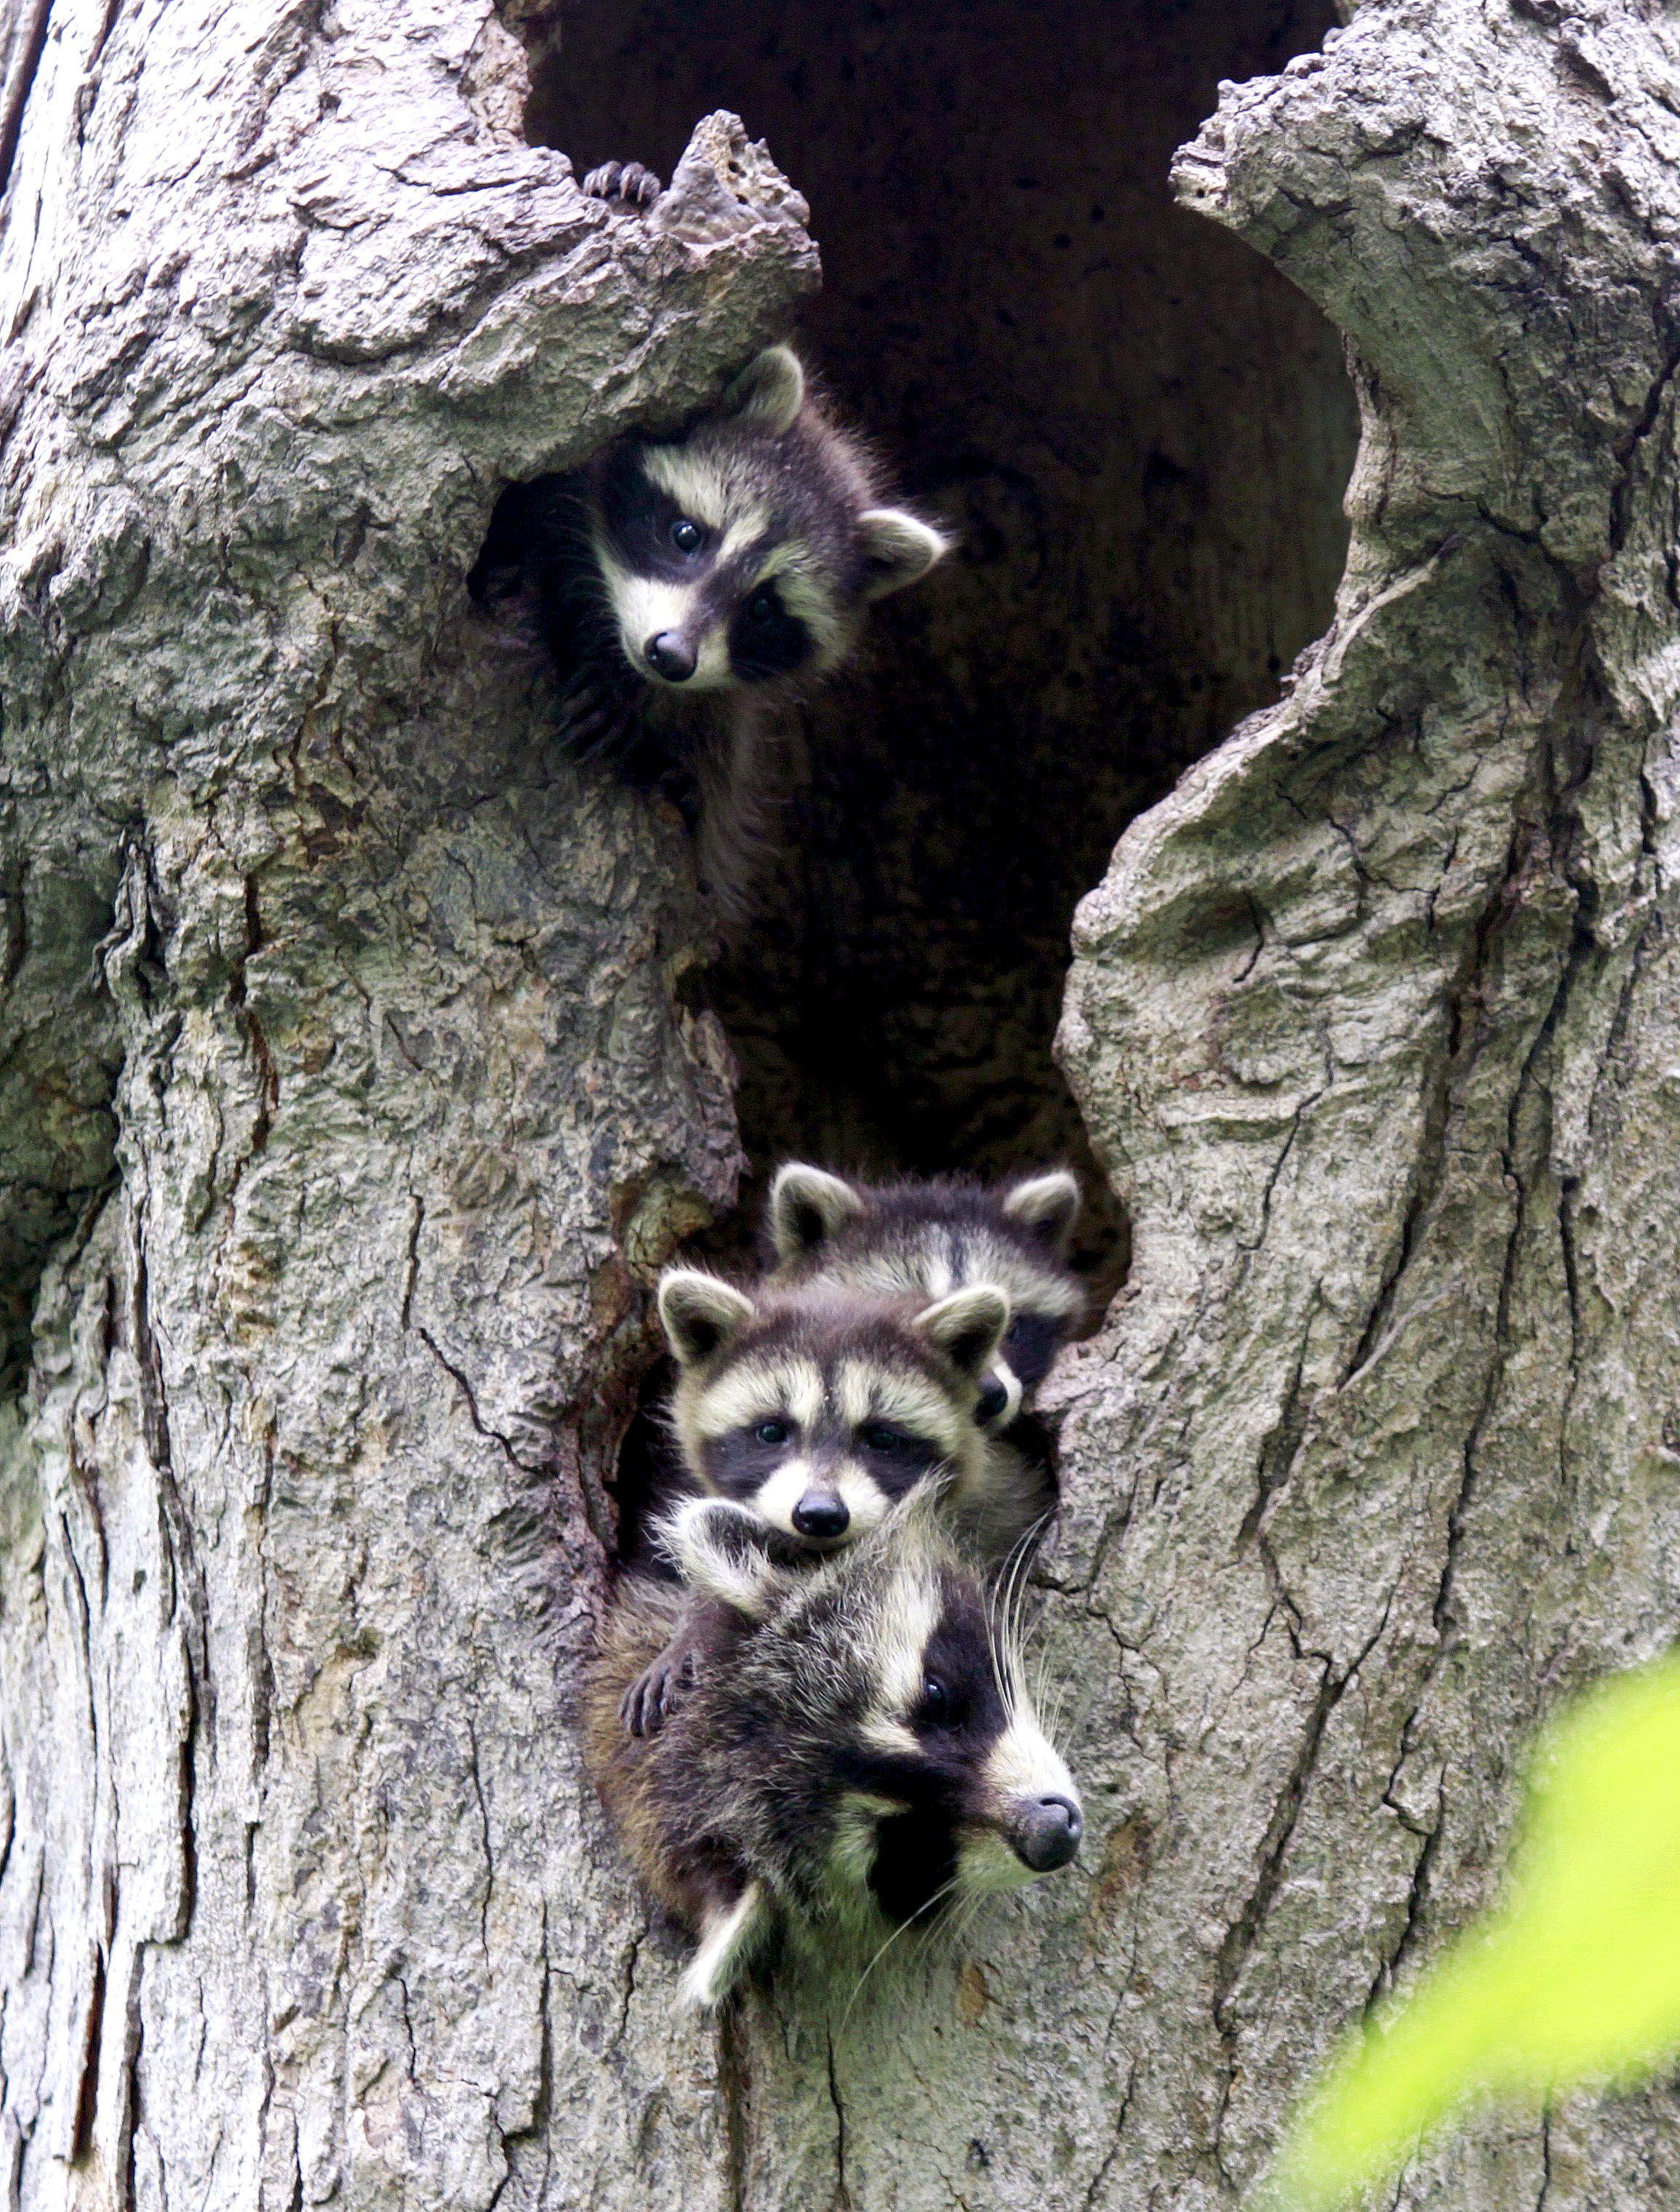 Raccoons in tree den